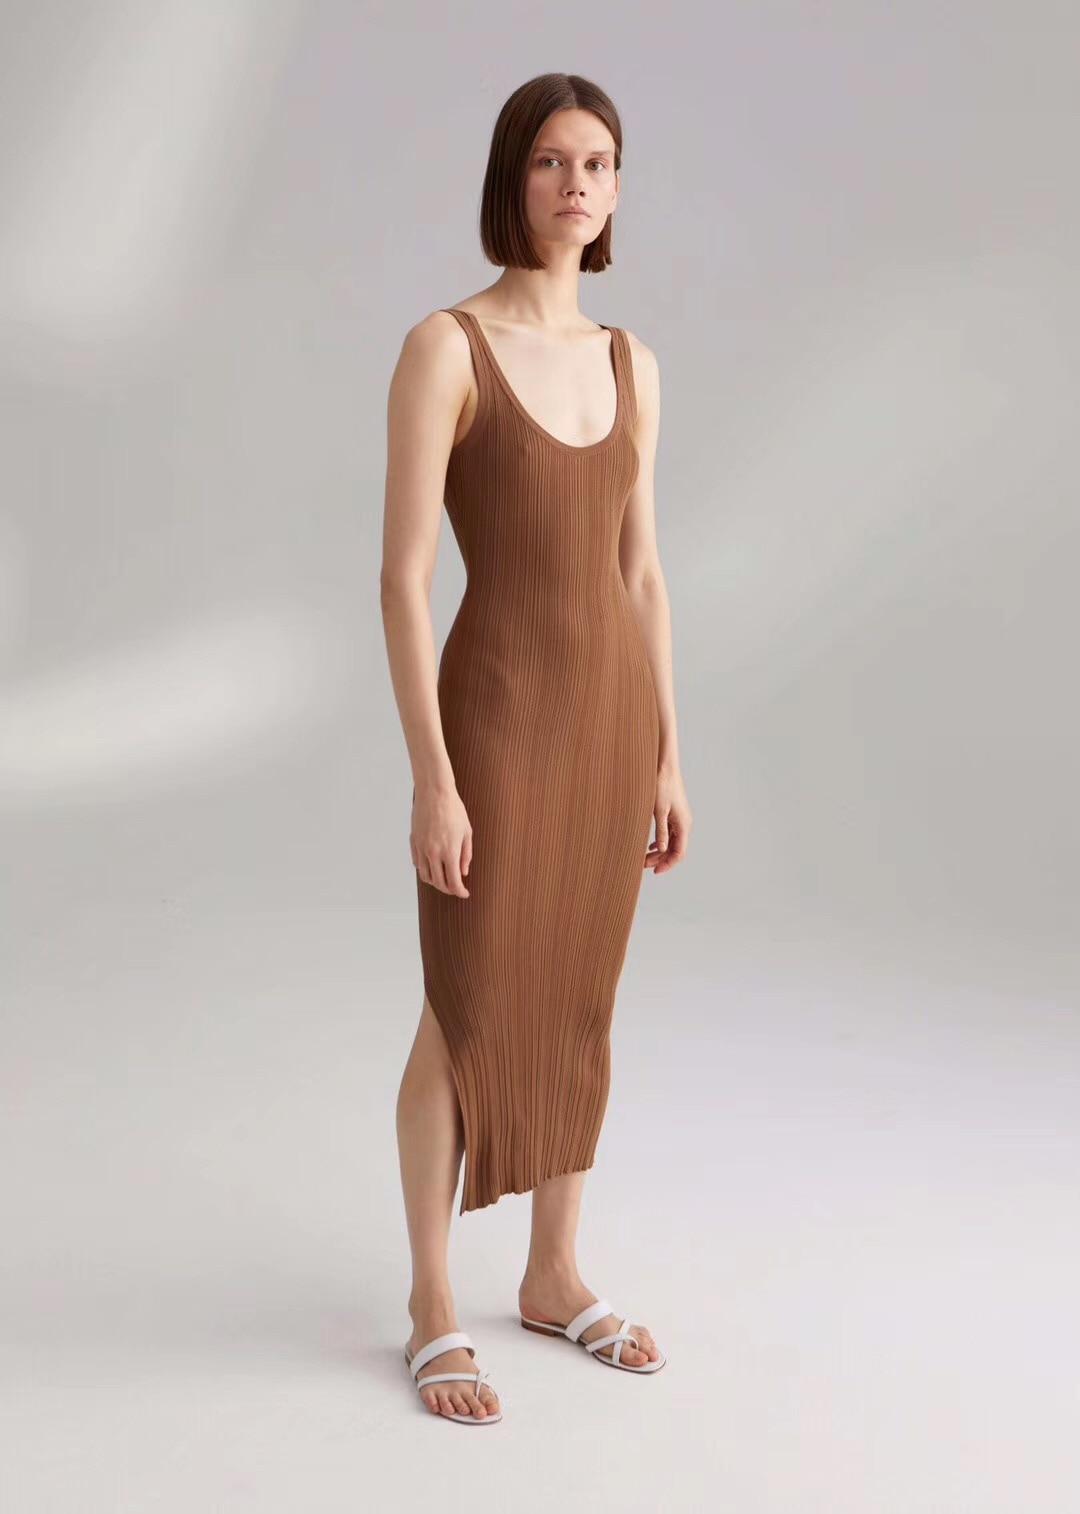 Vestido midi de mujer de verano con cuello en V sin mangas-in Vestidos from Ropa de mujer    3